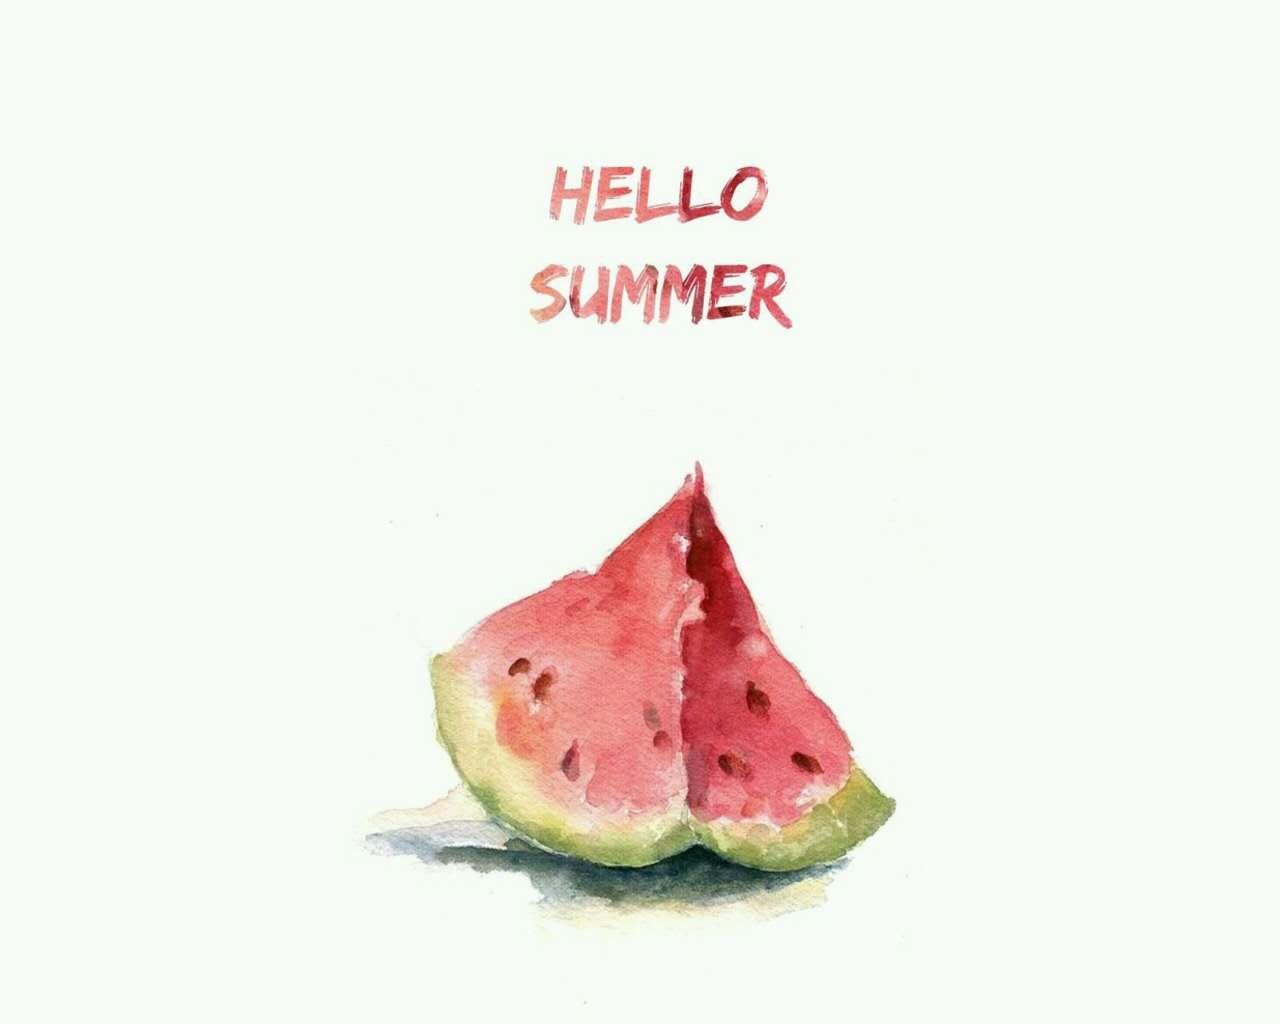 夏日水果小清新创意水墨绘画西瓜ppt背景图片下载